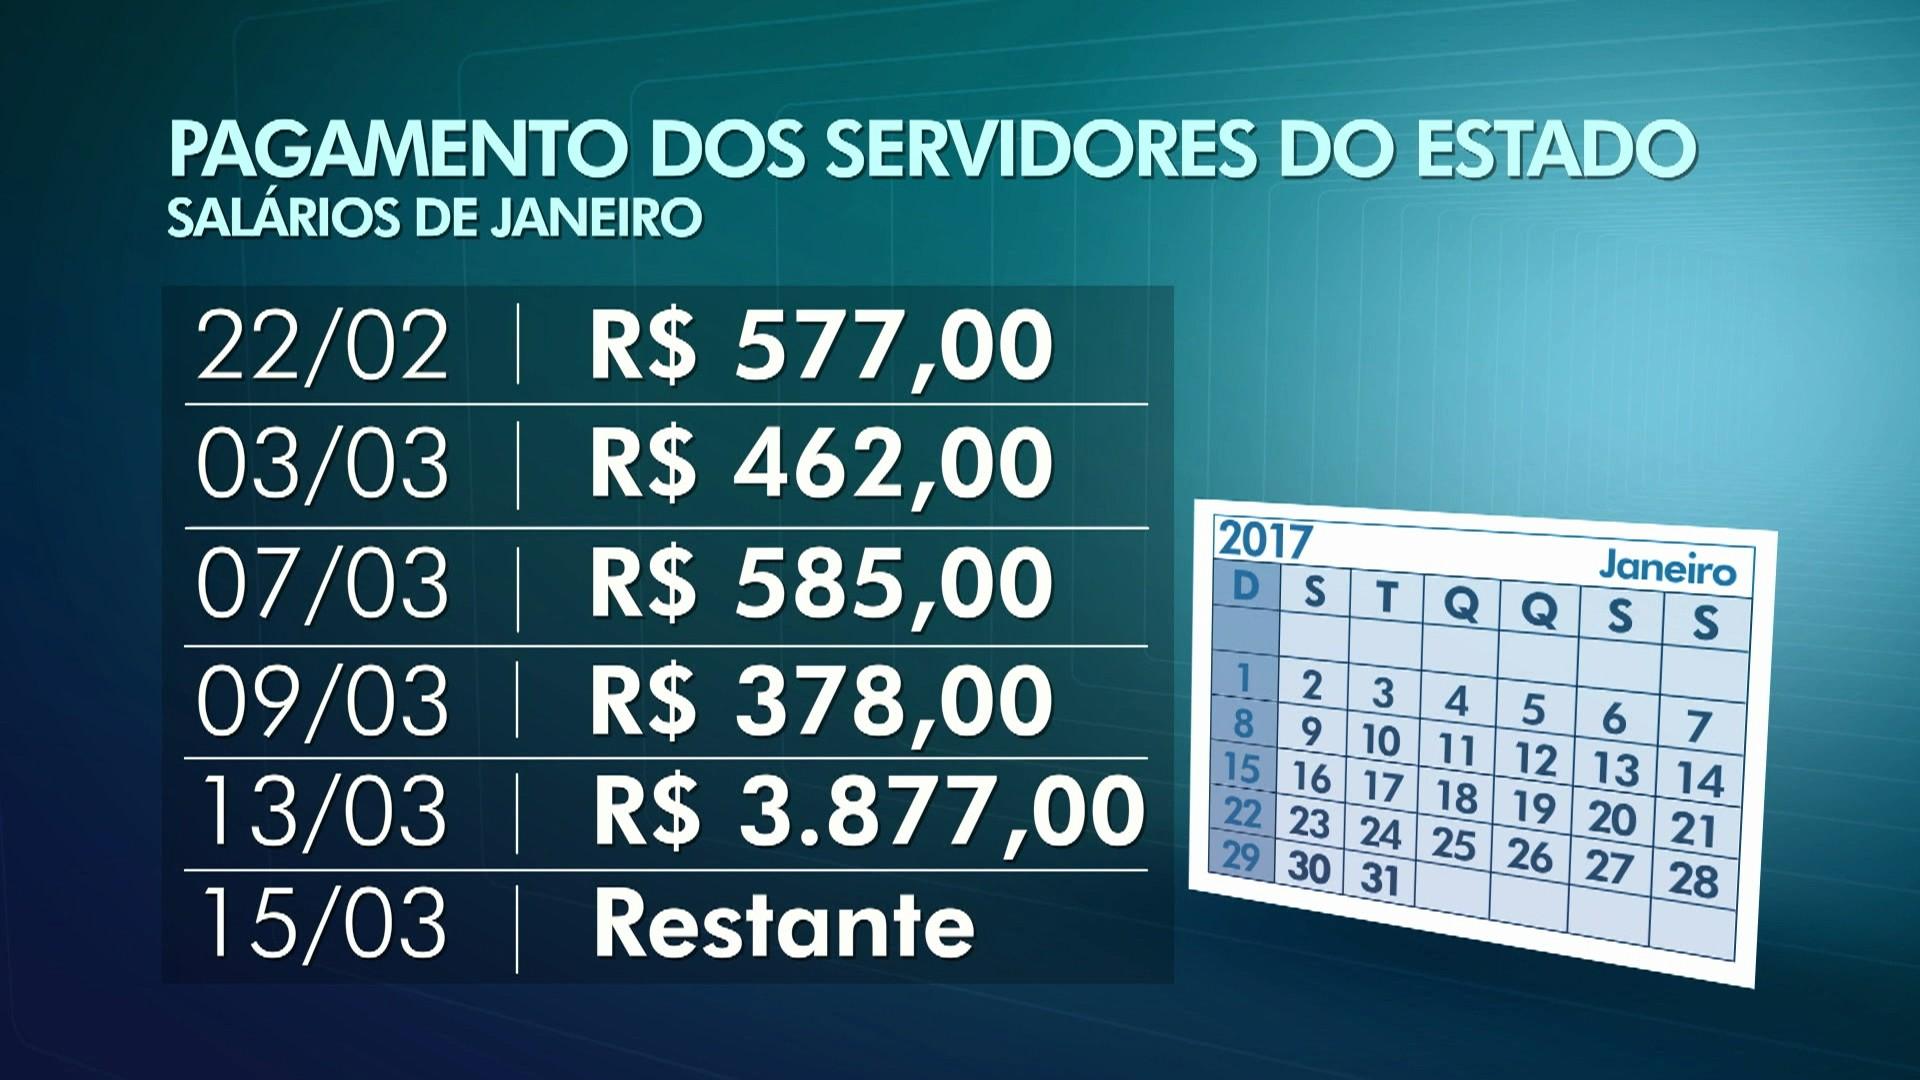 Salário de janeiro dos servidores do RJ será pago em seis parcelas